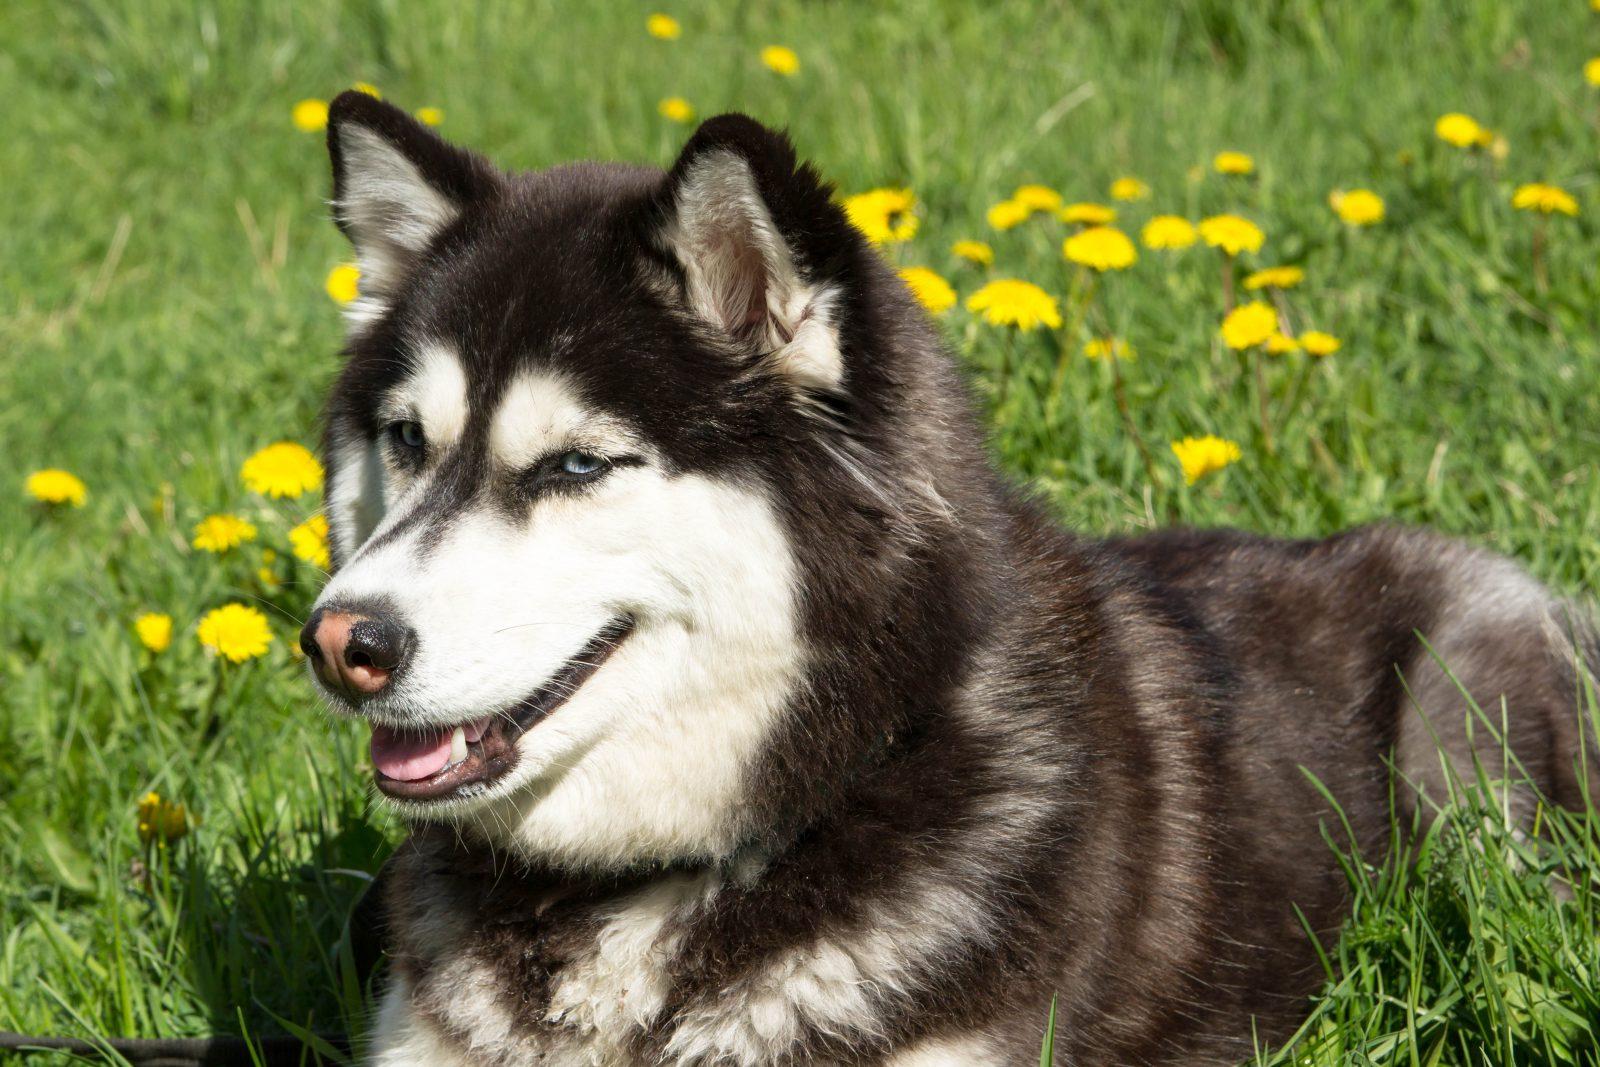 Cachorro latindo: Husky Siberiano deitado no gramado entre as flores.